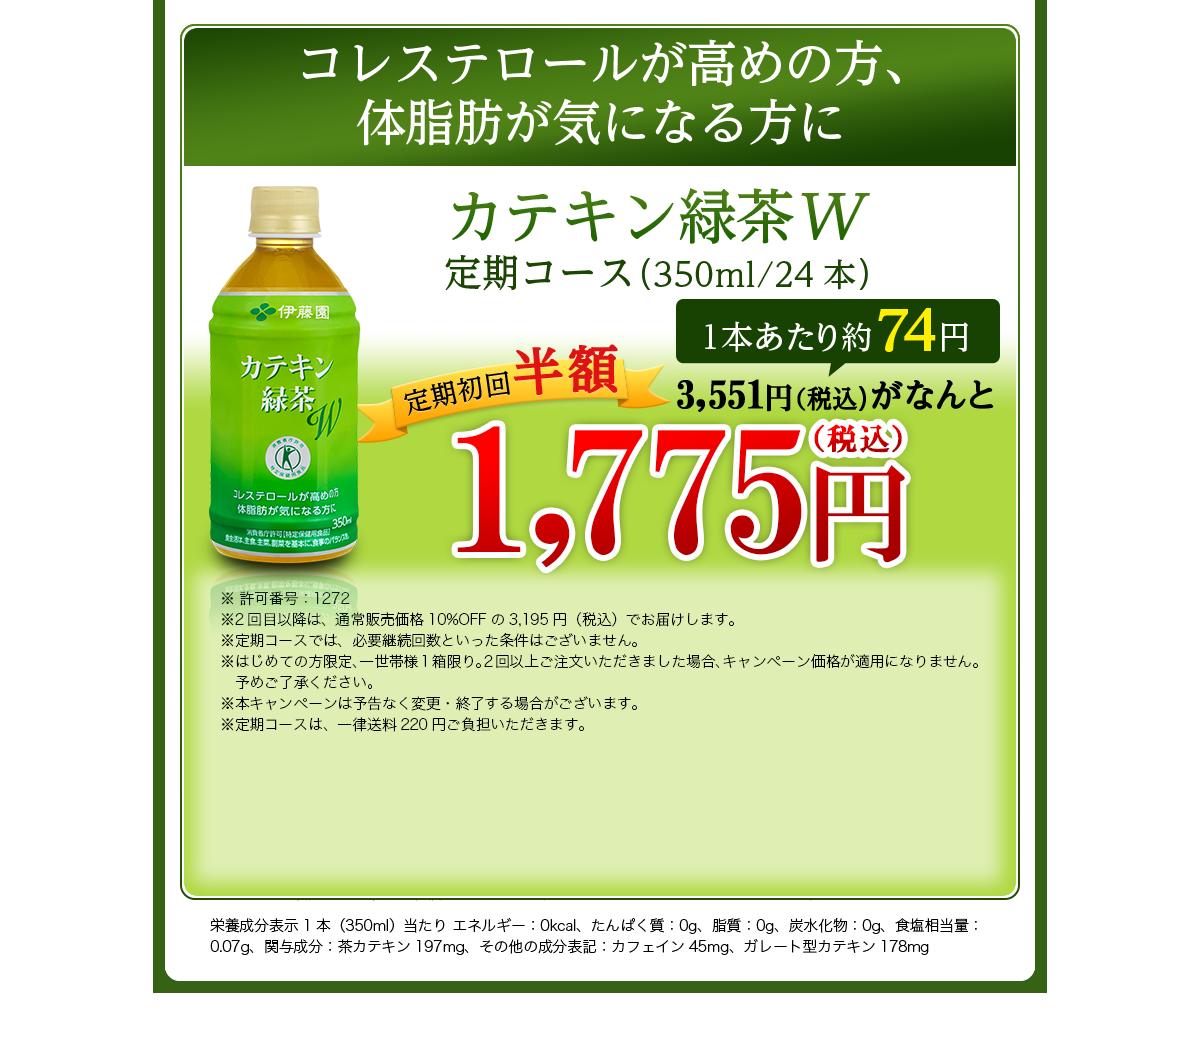 コレステロールが高めの方、体脂肪が気になる方に カテキン緑茶W 毎月お届け定期コース(350ml/24本)